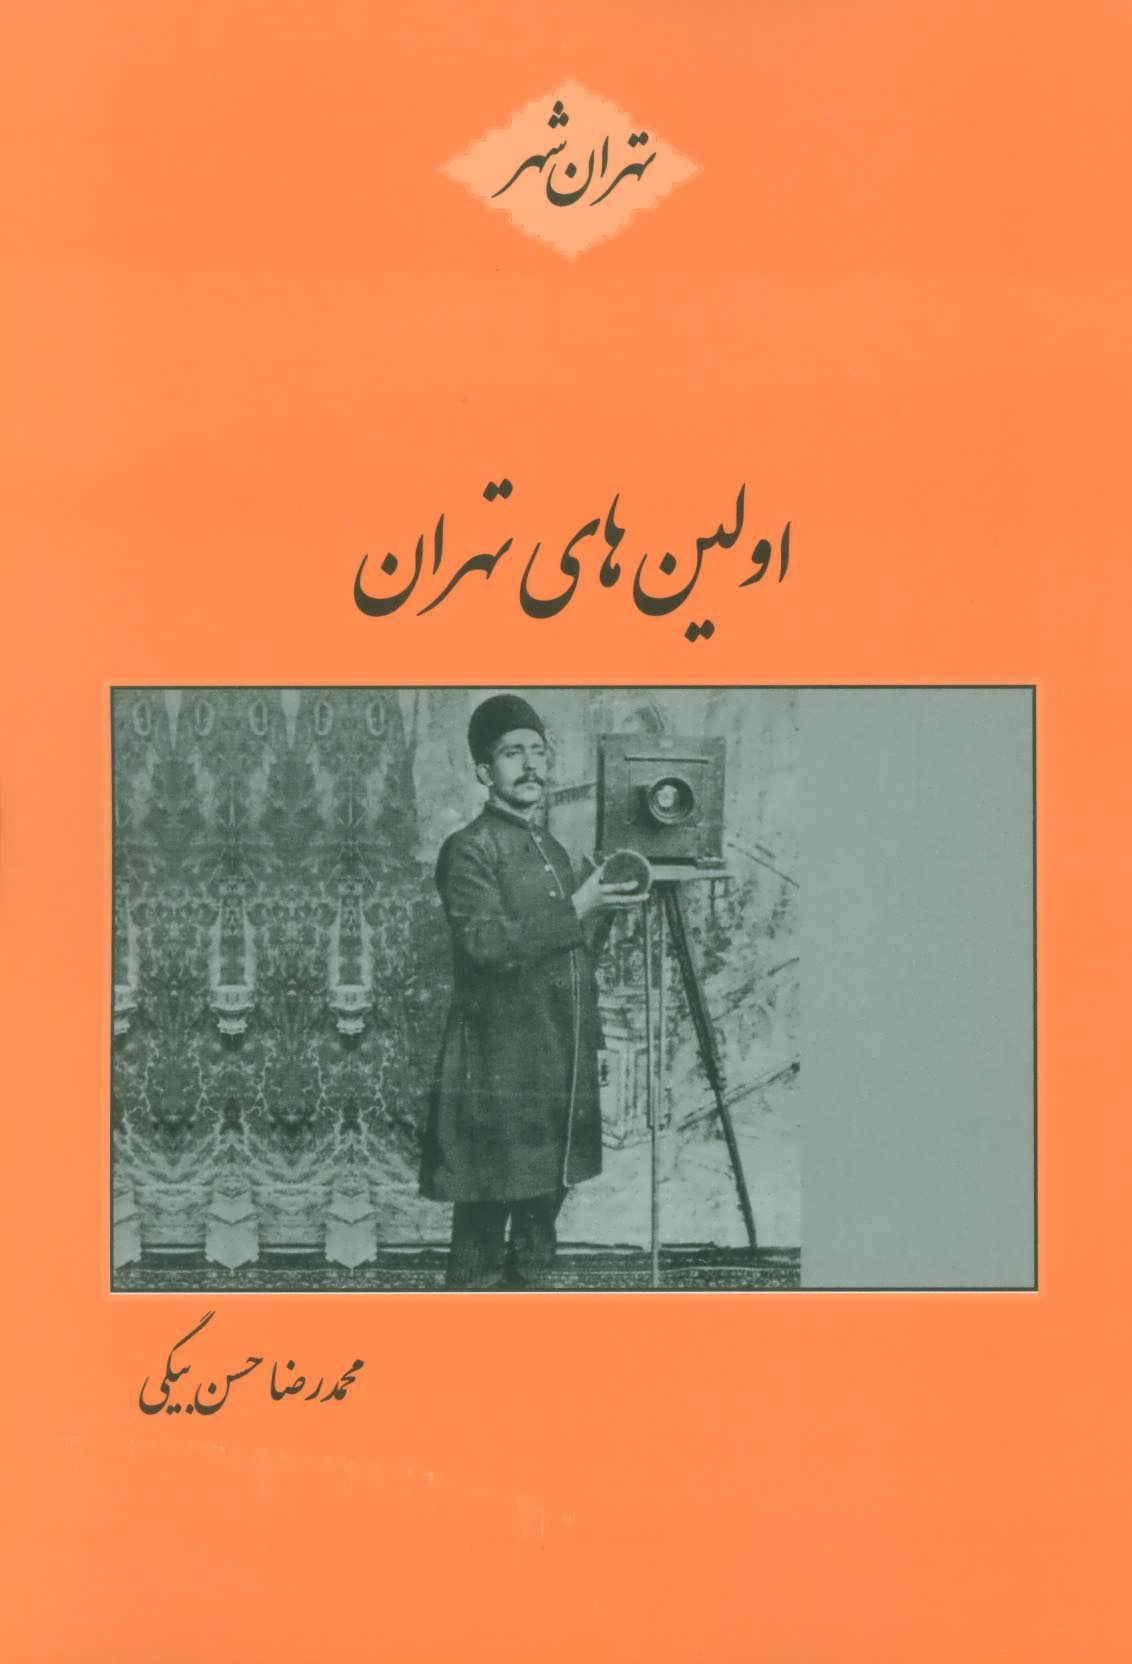 اولين هاي تهران (تهران شهر)